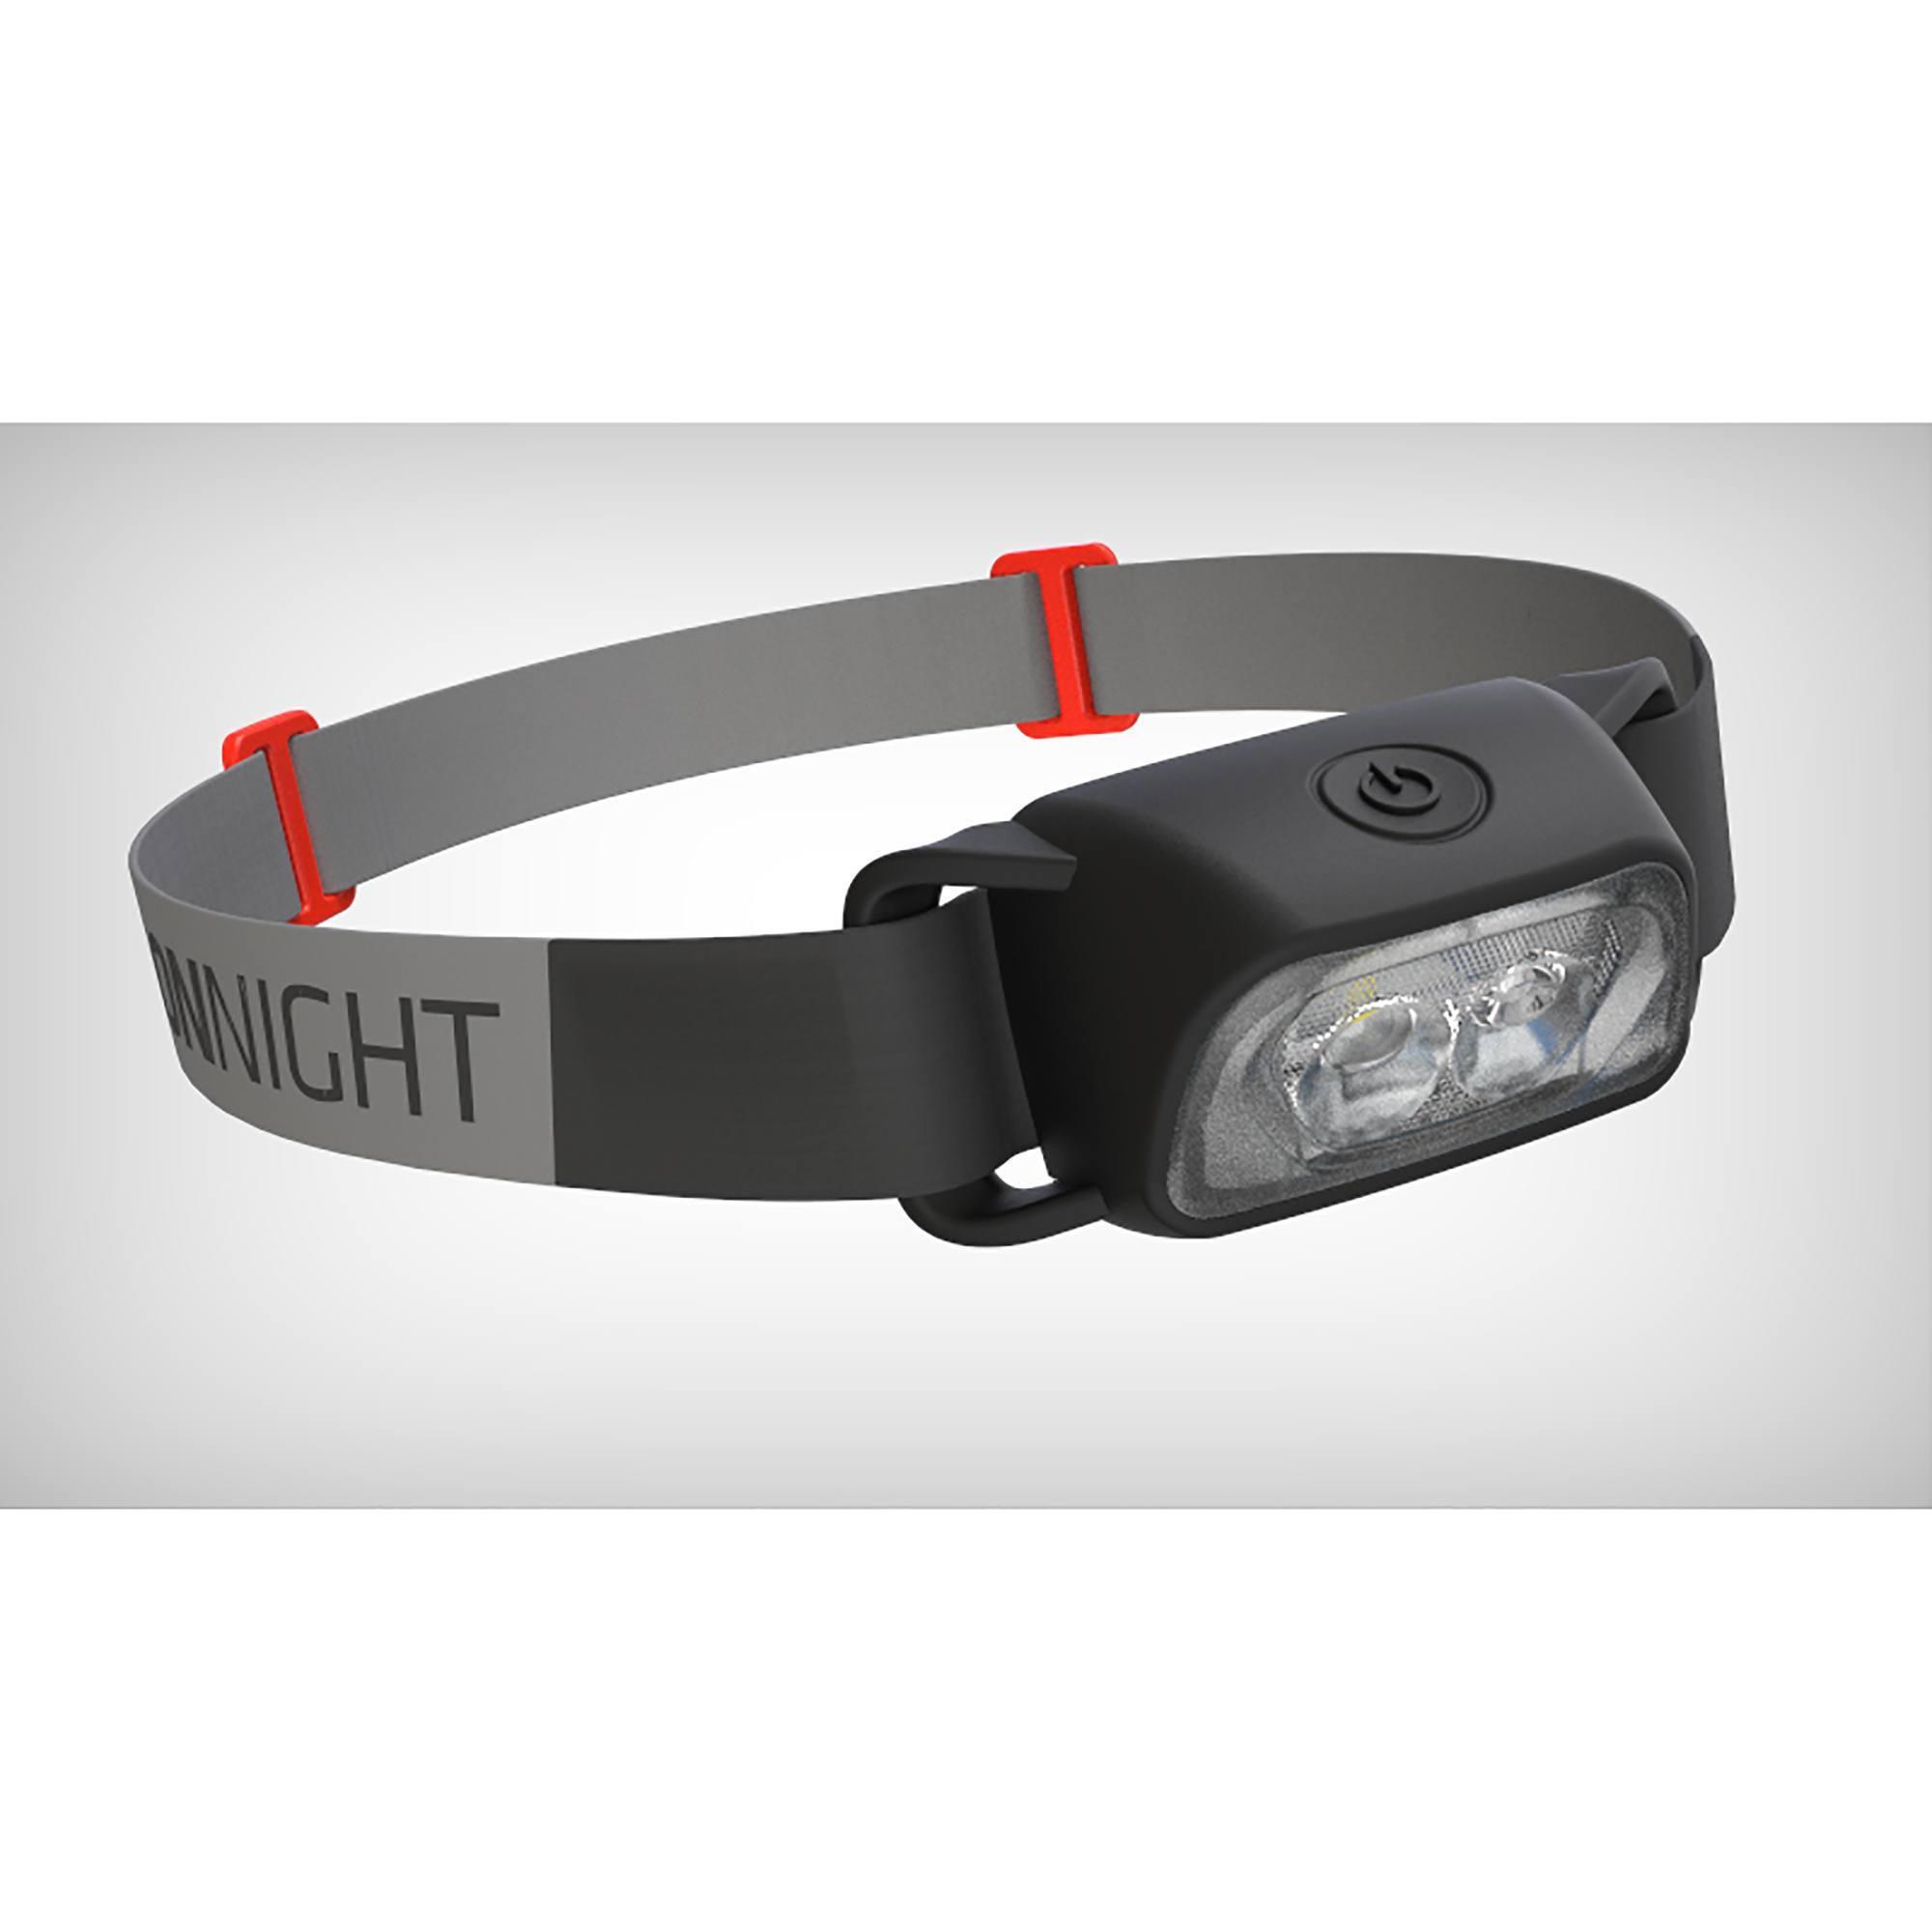 Lampe frontale trekking ONNIGHT100 noire - 80 lumens